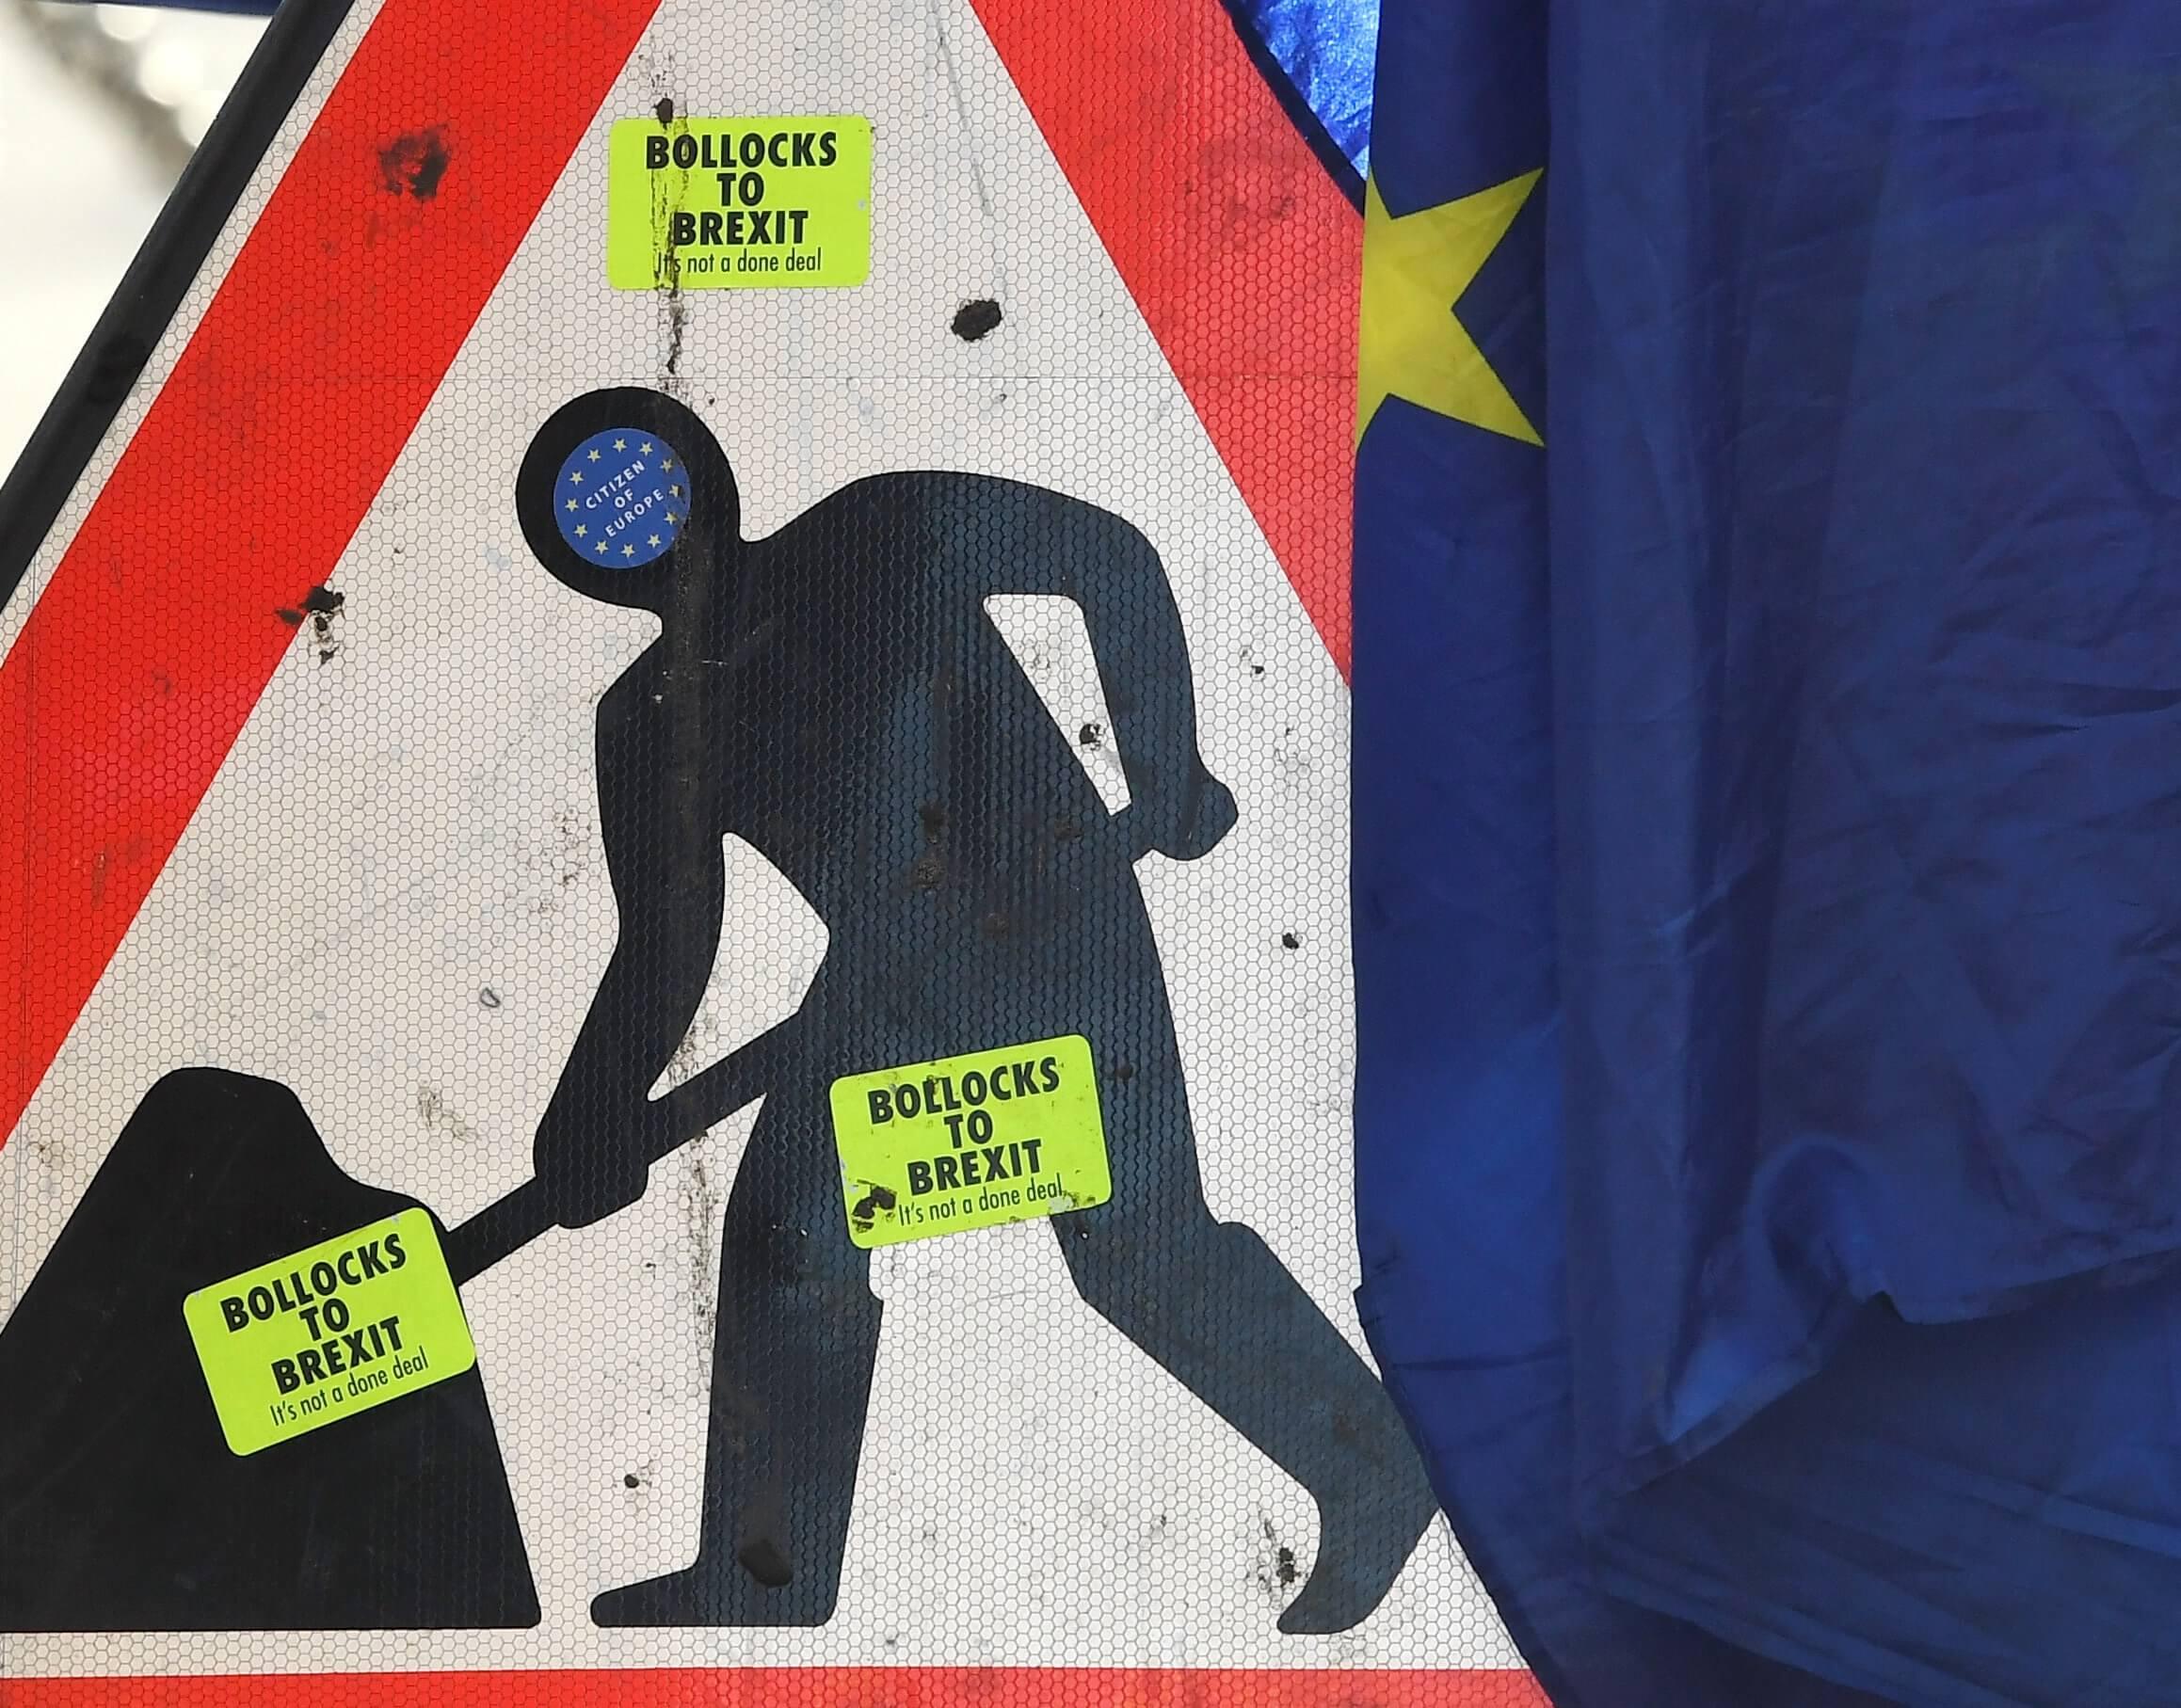 Londres debe aceptar las decisiones de la UE durante la transición — Barnier